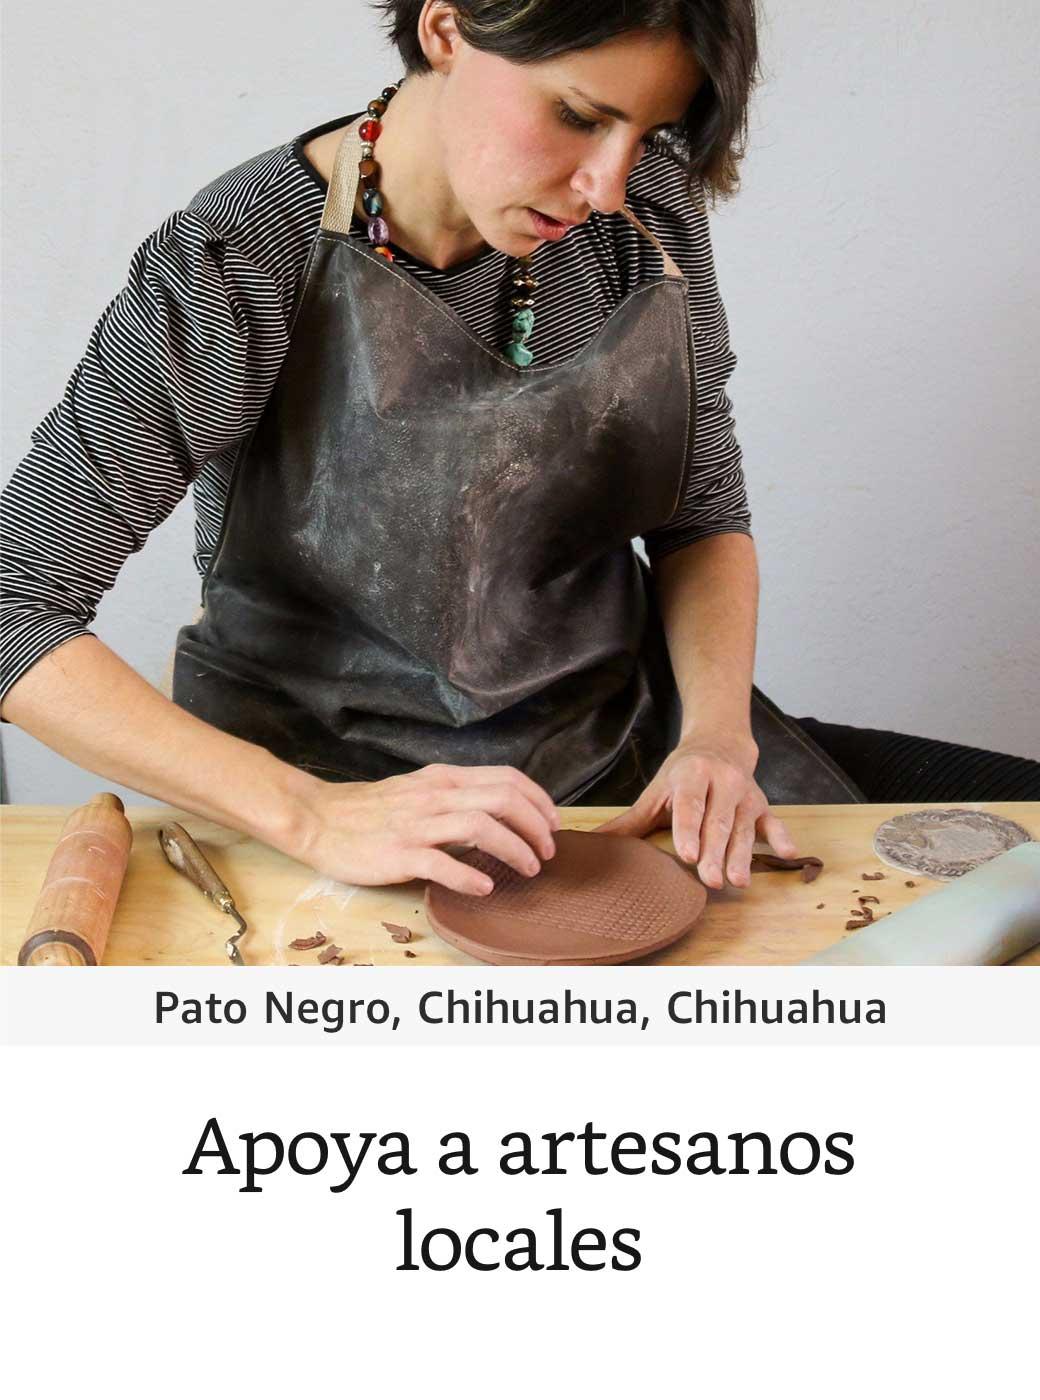 Apoya a artesanos locales